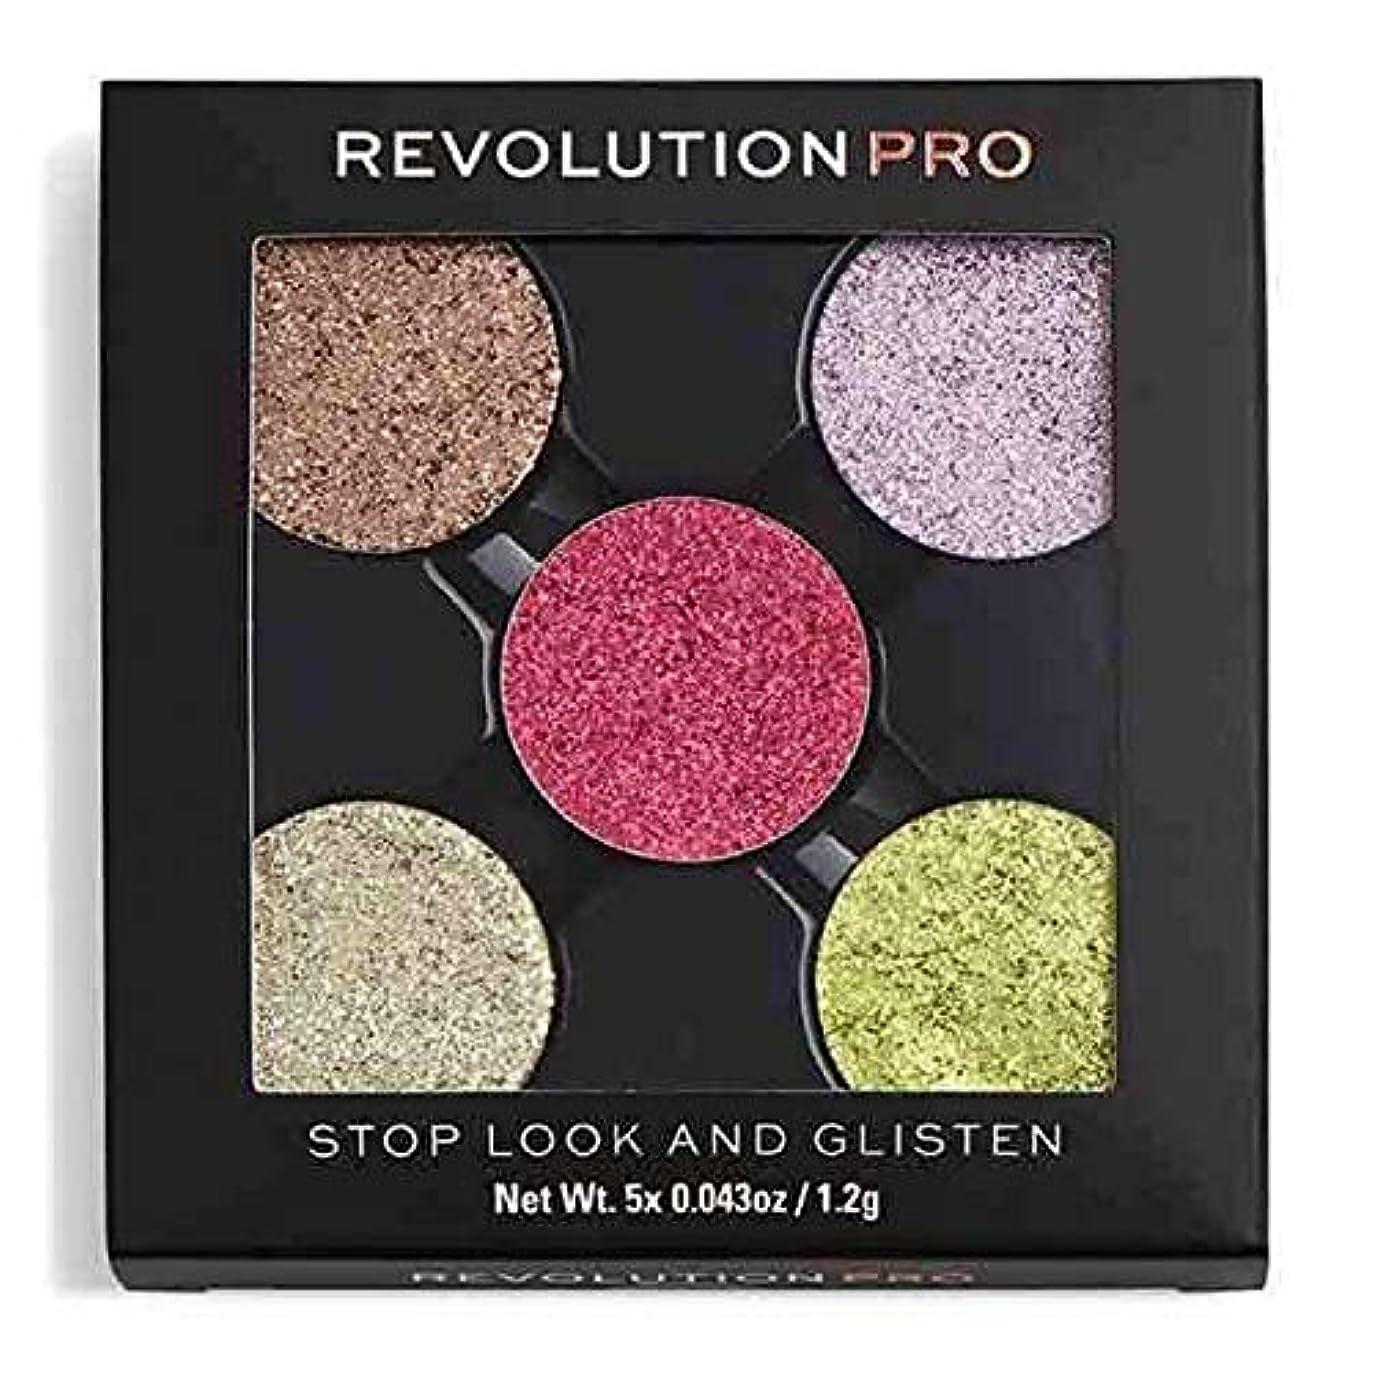 療法和有害な[Revolution ] 革命のプロが見て、光る、キラキラパックストップを押します - Revolution Pro Pressed Glitter Pack Stop, Look and Glisten [並行輸入品]